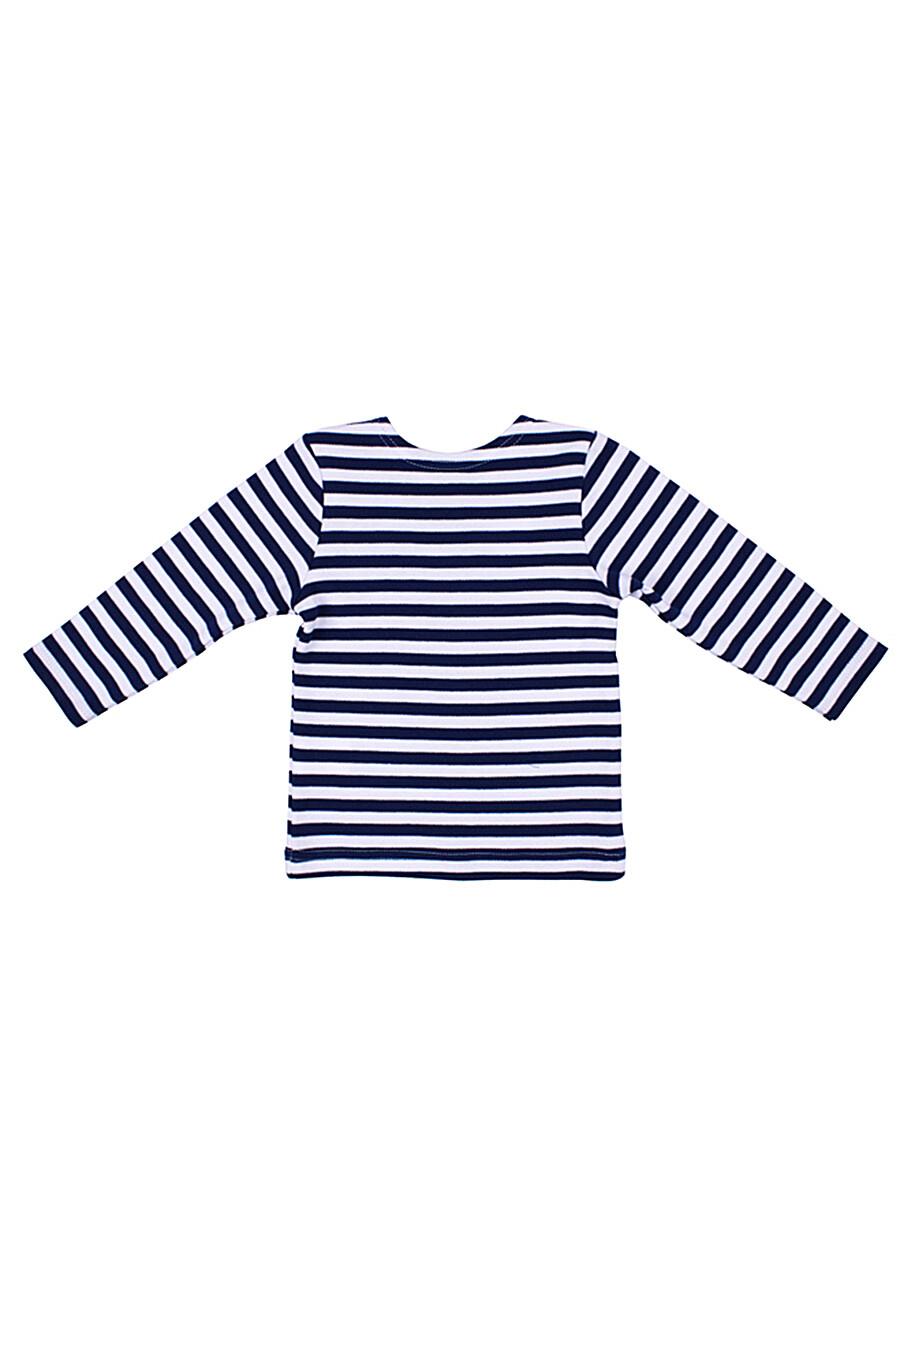 Джемпер для девочек АПРЕЛЬ 699944 купить оптом от производителя. Совместная покупка детской одежды в OptMoyo